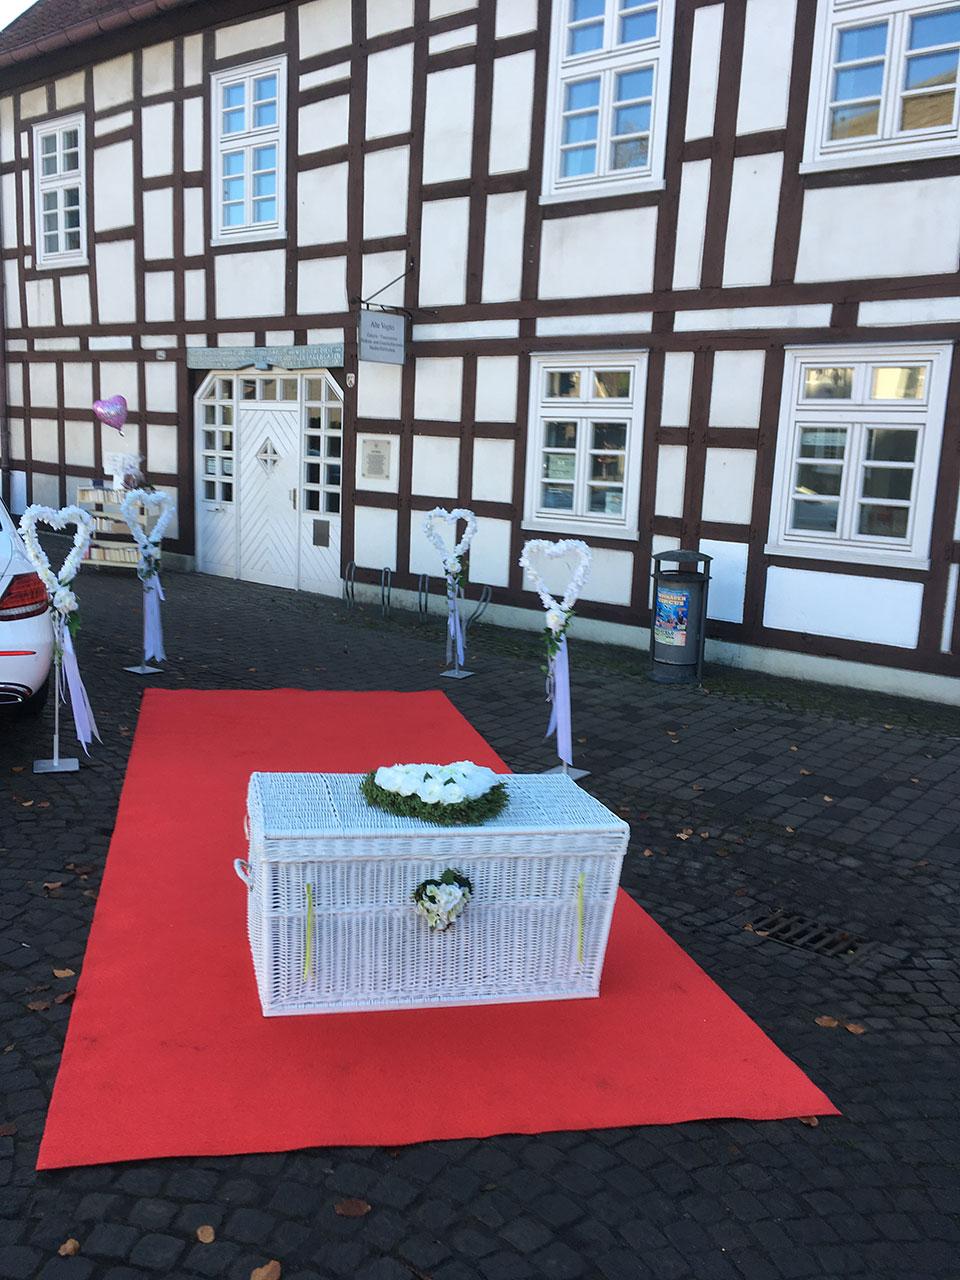 20190710-Bielefeld-Rathaus-Sparrenburg-alte-Vogtei-Hochzeitstauben-Luftballons-Sektempfang-3